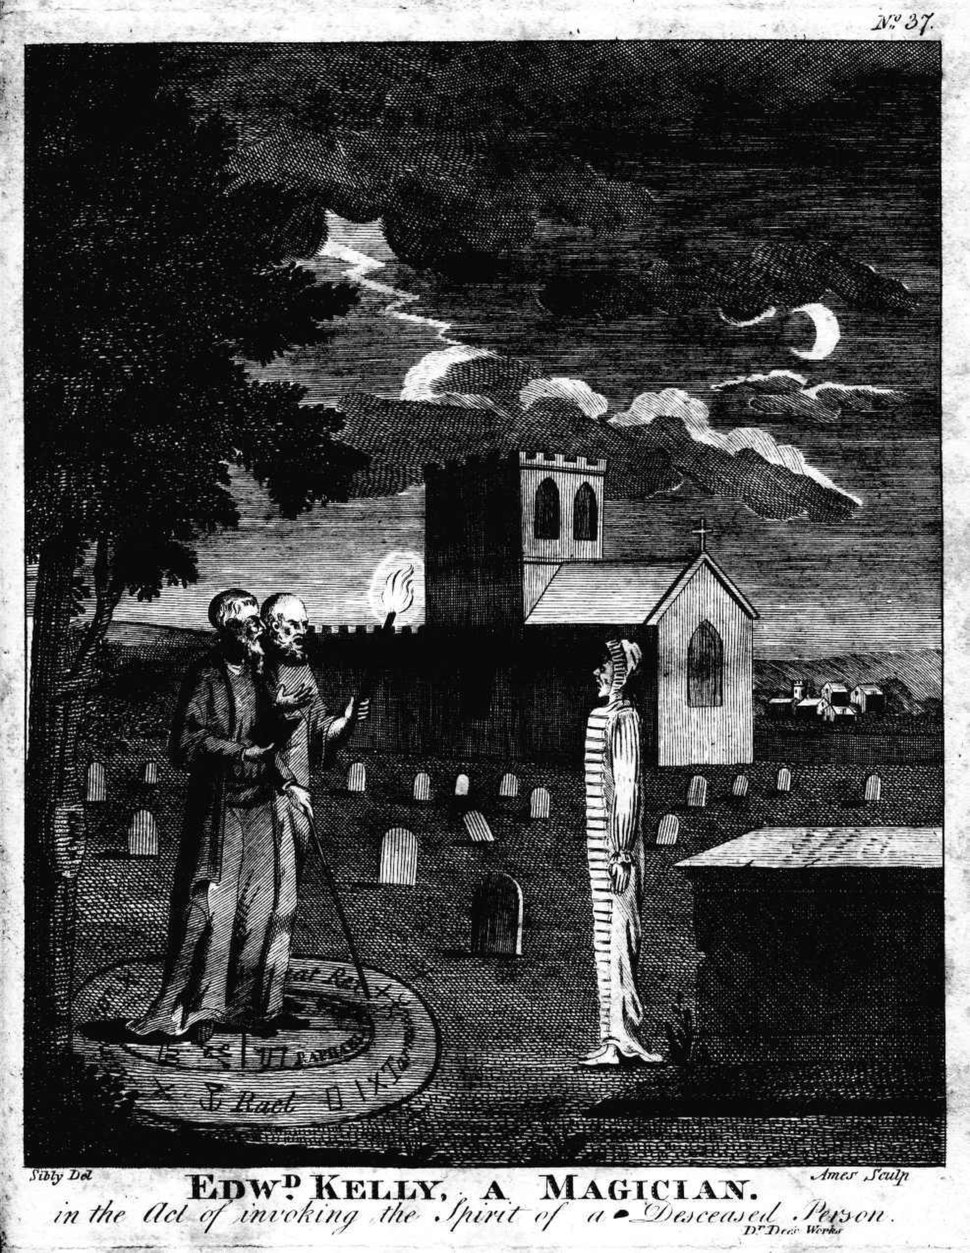 A Magician by Edward Kelly